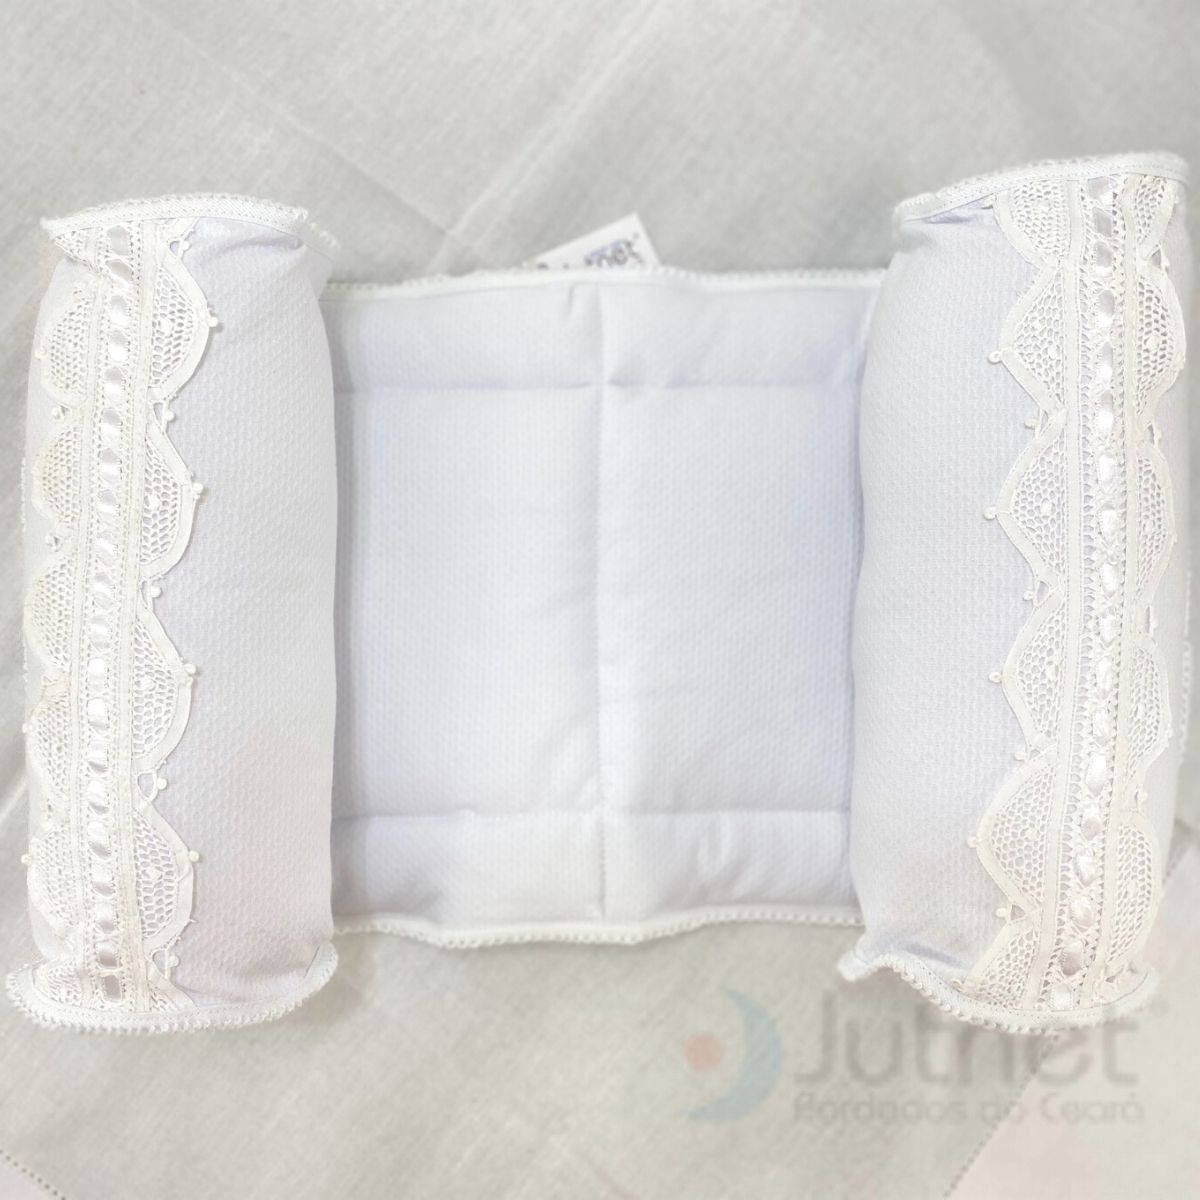 Segura Bebê com Renda Renascença Branco  - Bordados do Ceará - Jutnet